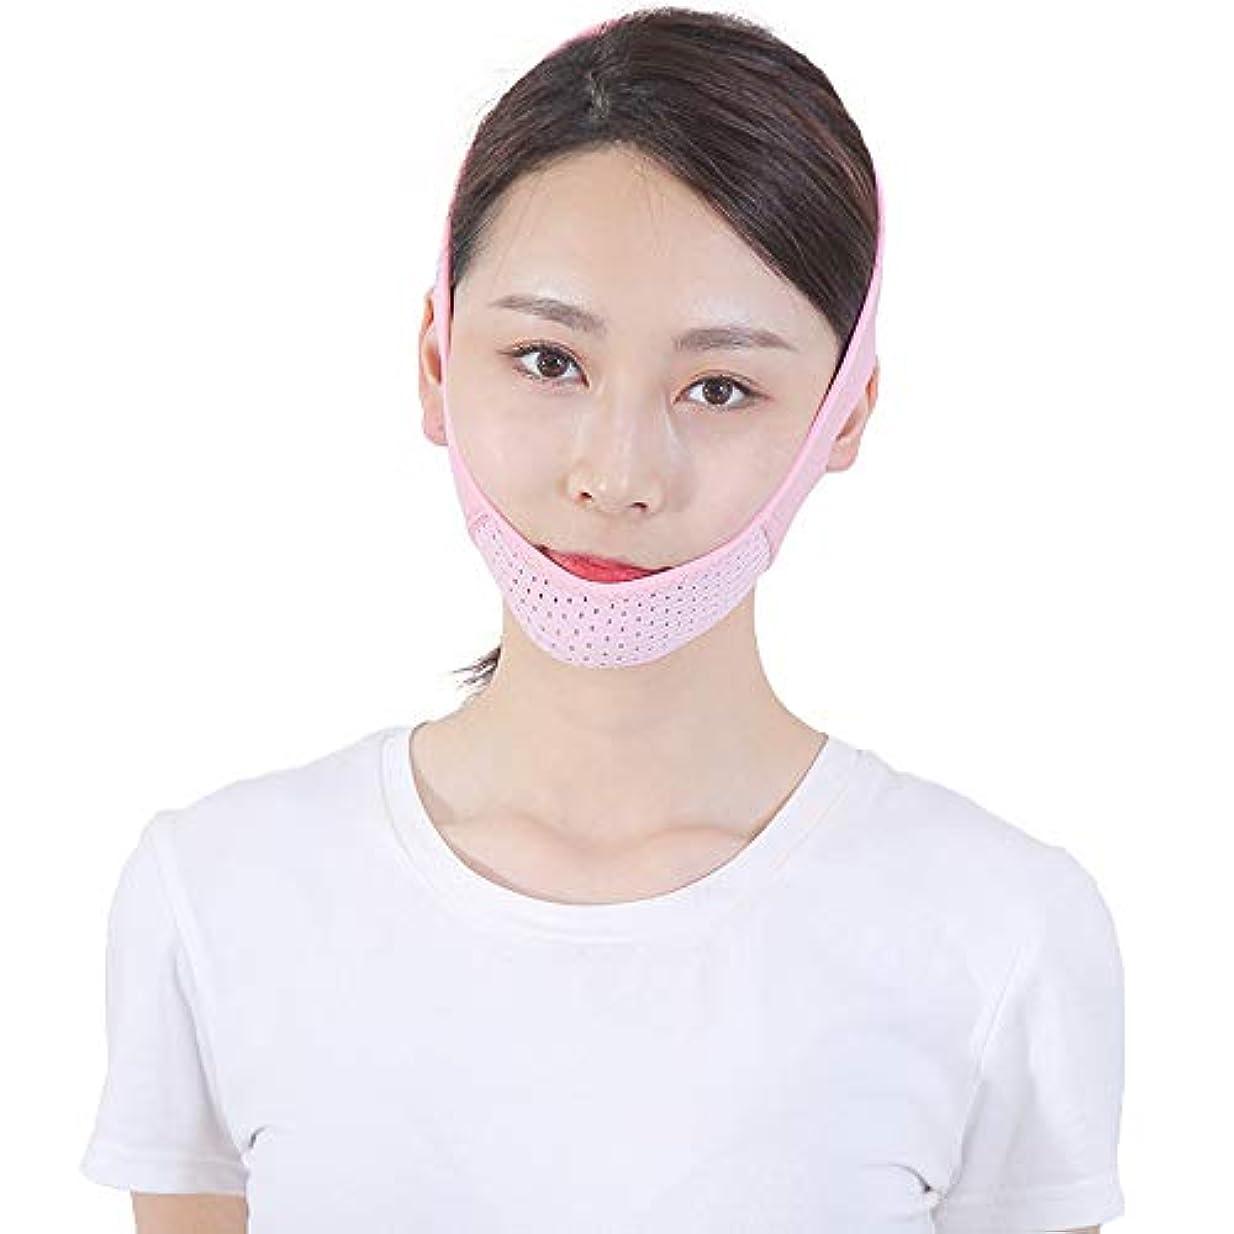 話をする非難する儀式Minmin フェイシャルリフティング痩身ベルトフェイススリムゲットダブルチンアンチエイジングリンクルフェイスバンデージマスクシェイピングマスク顔を引き締めるダブルチンワークアウト みんみんVラインフェイスマスク